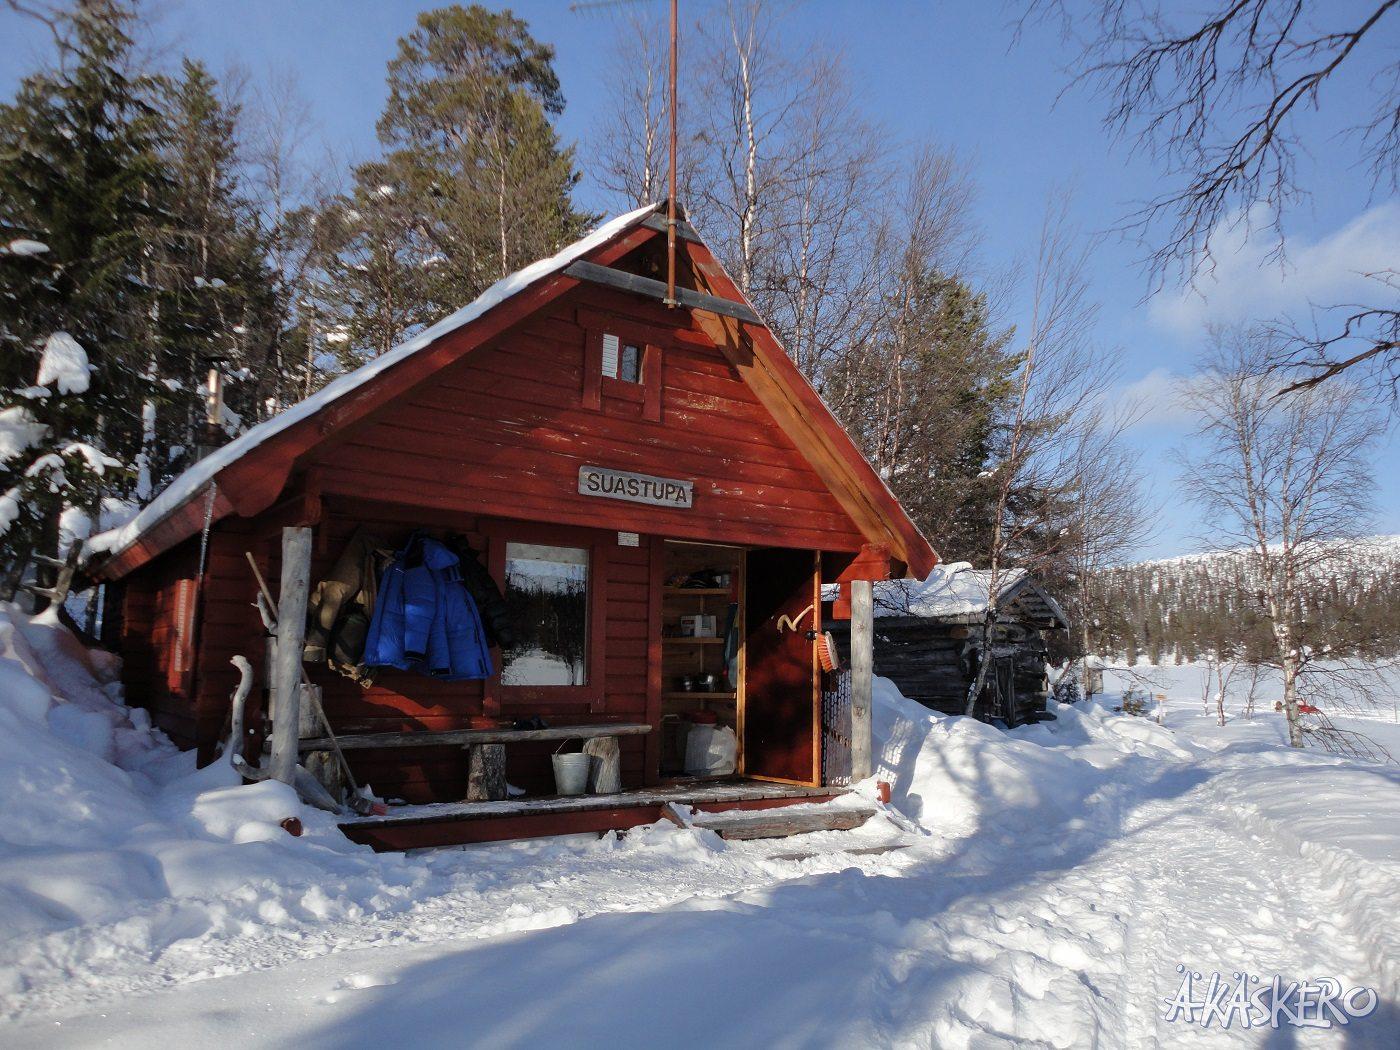 Foto: © Äkäskero